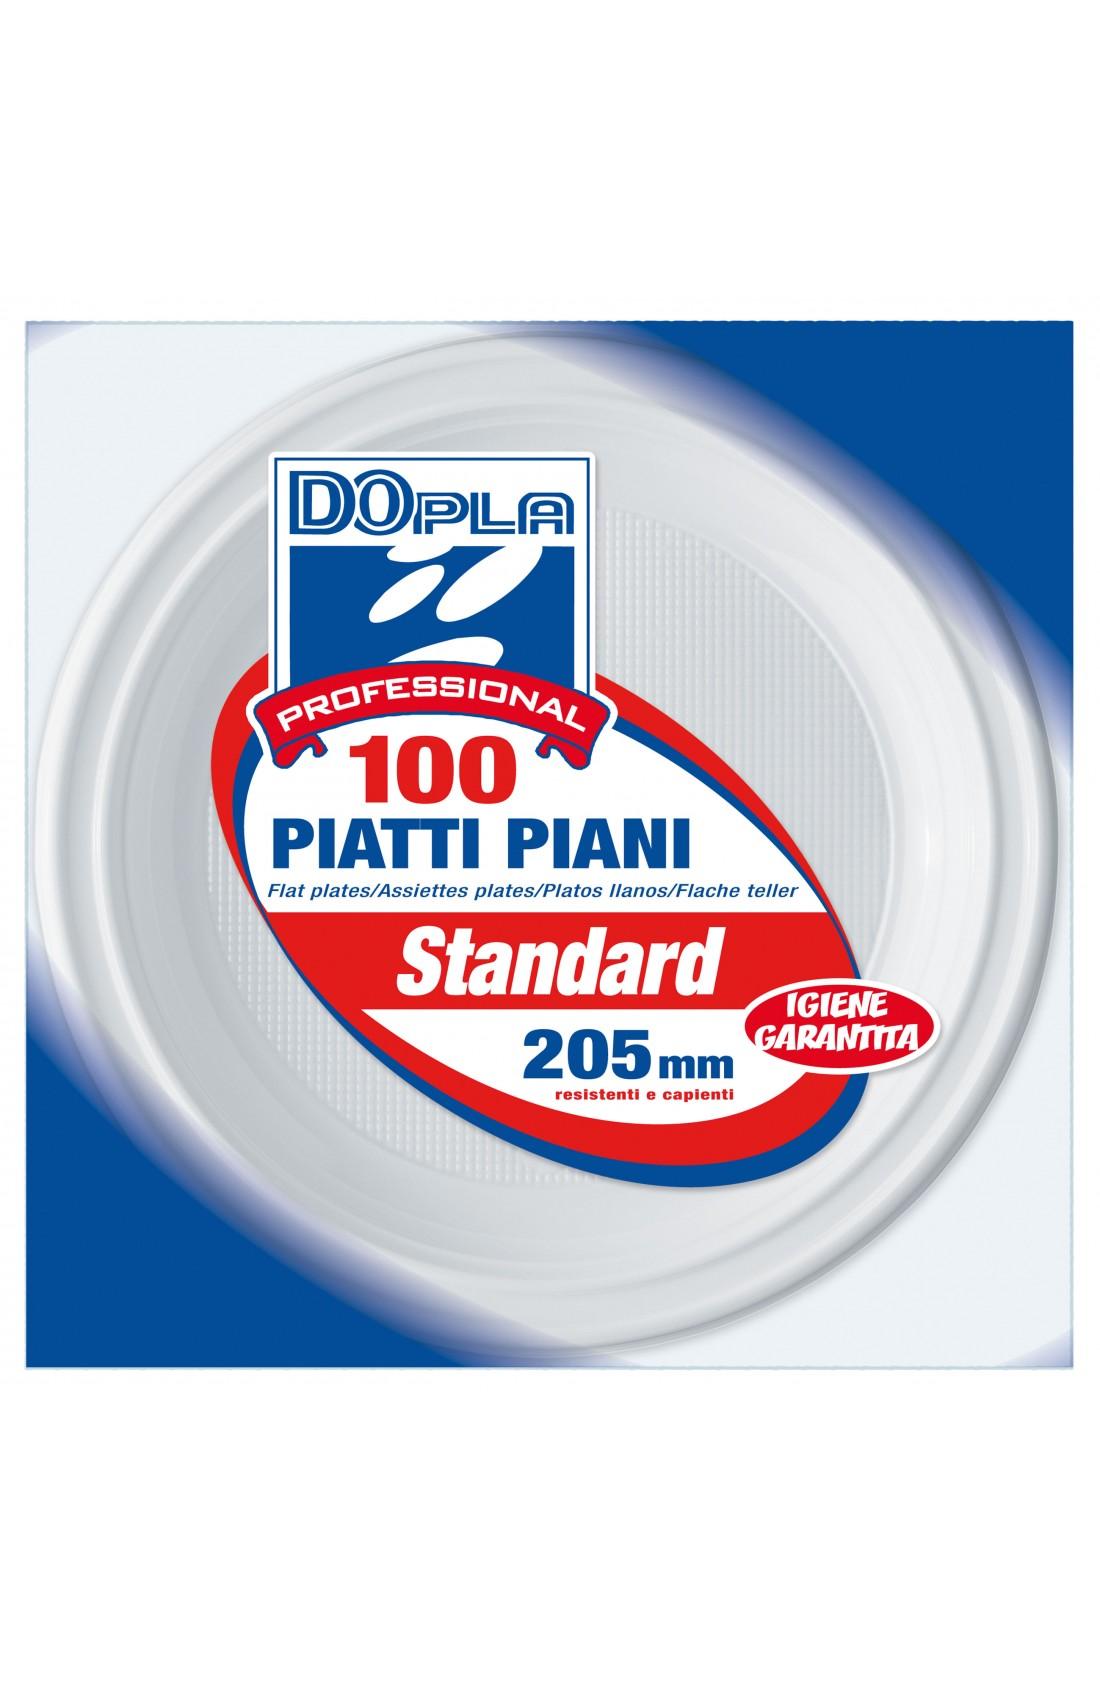 Piatti piani standard - PS